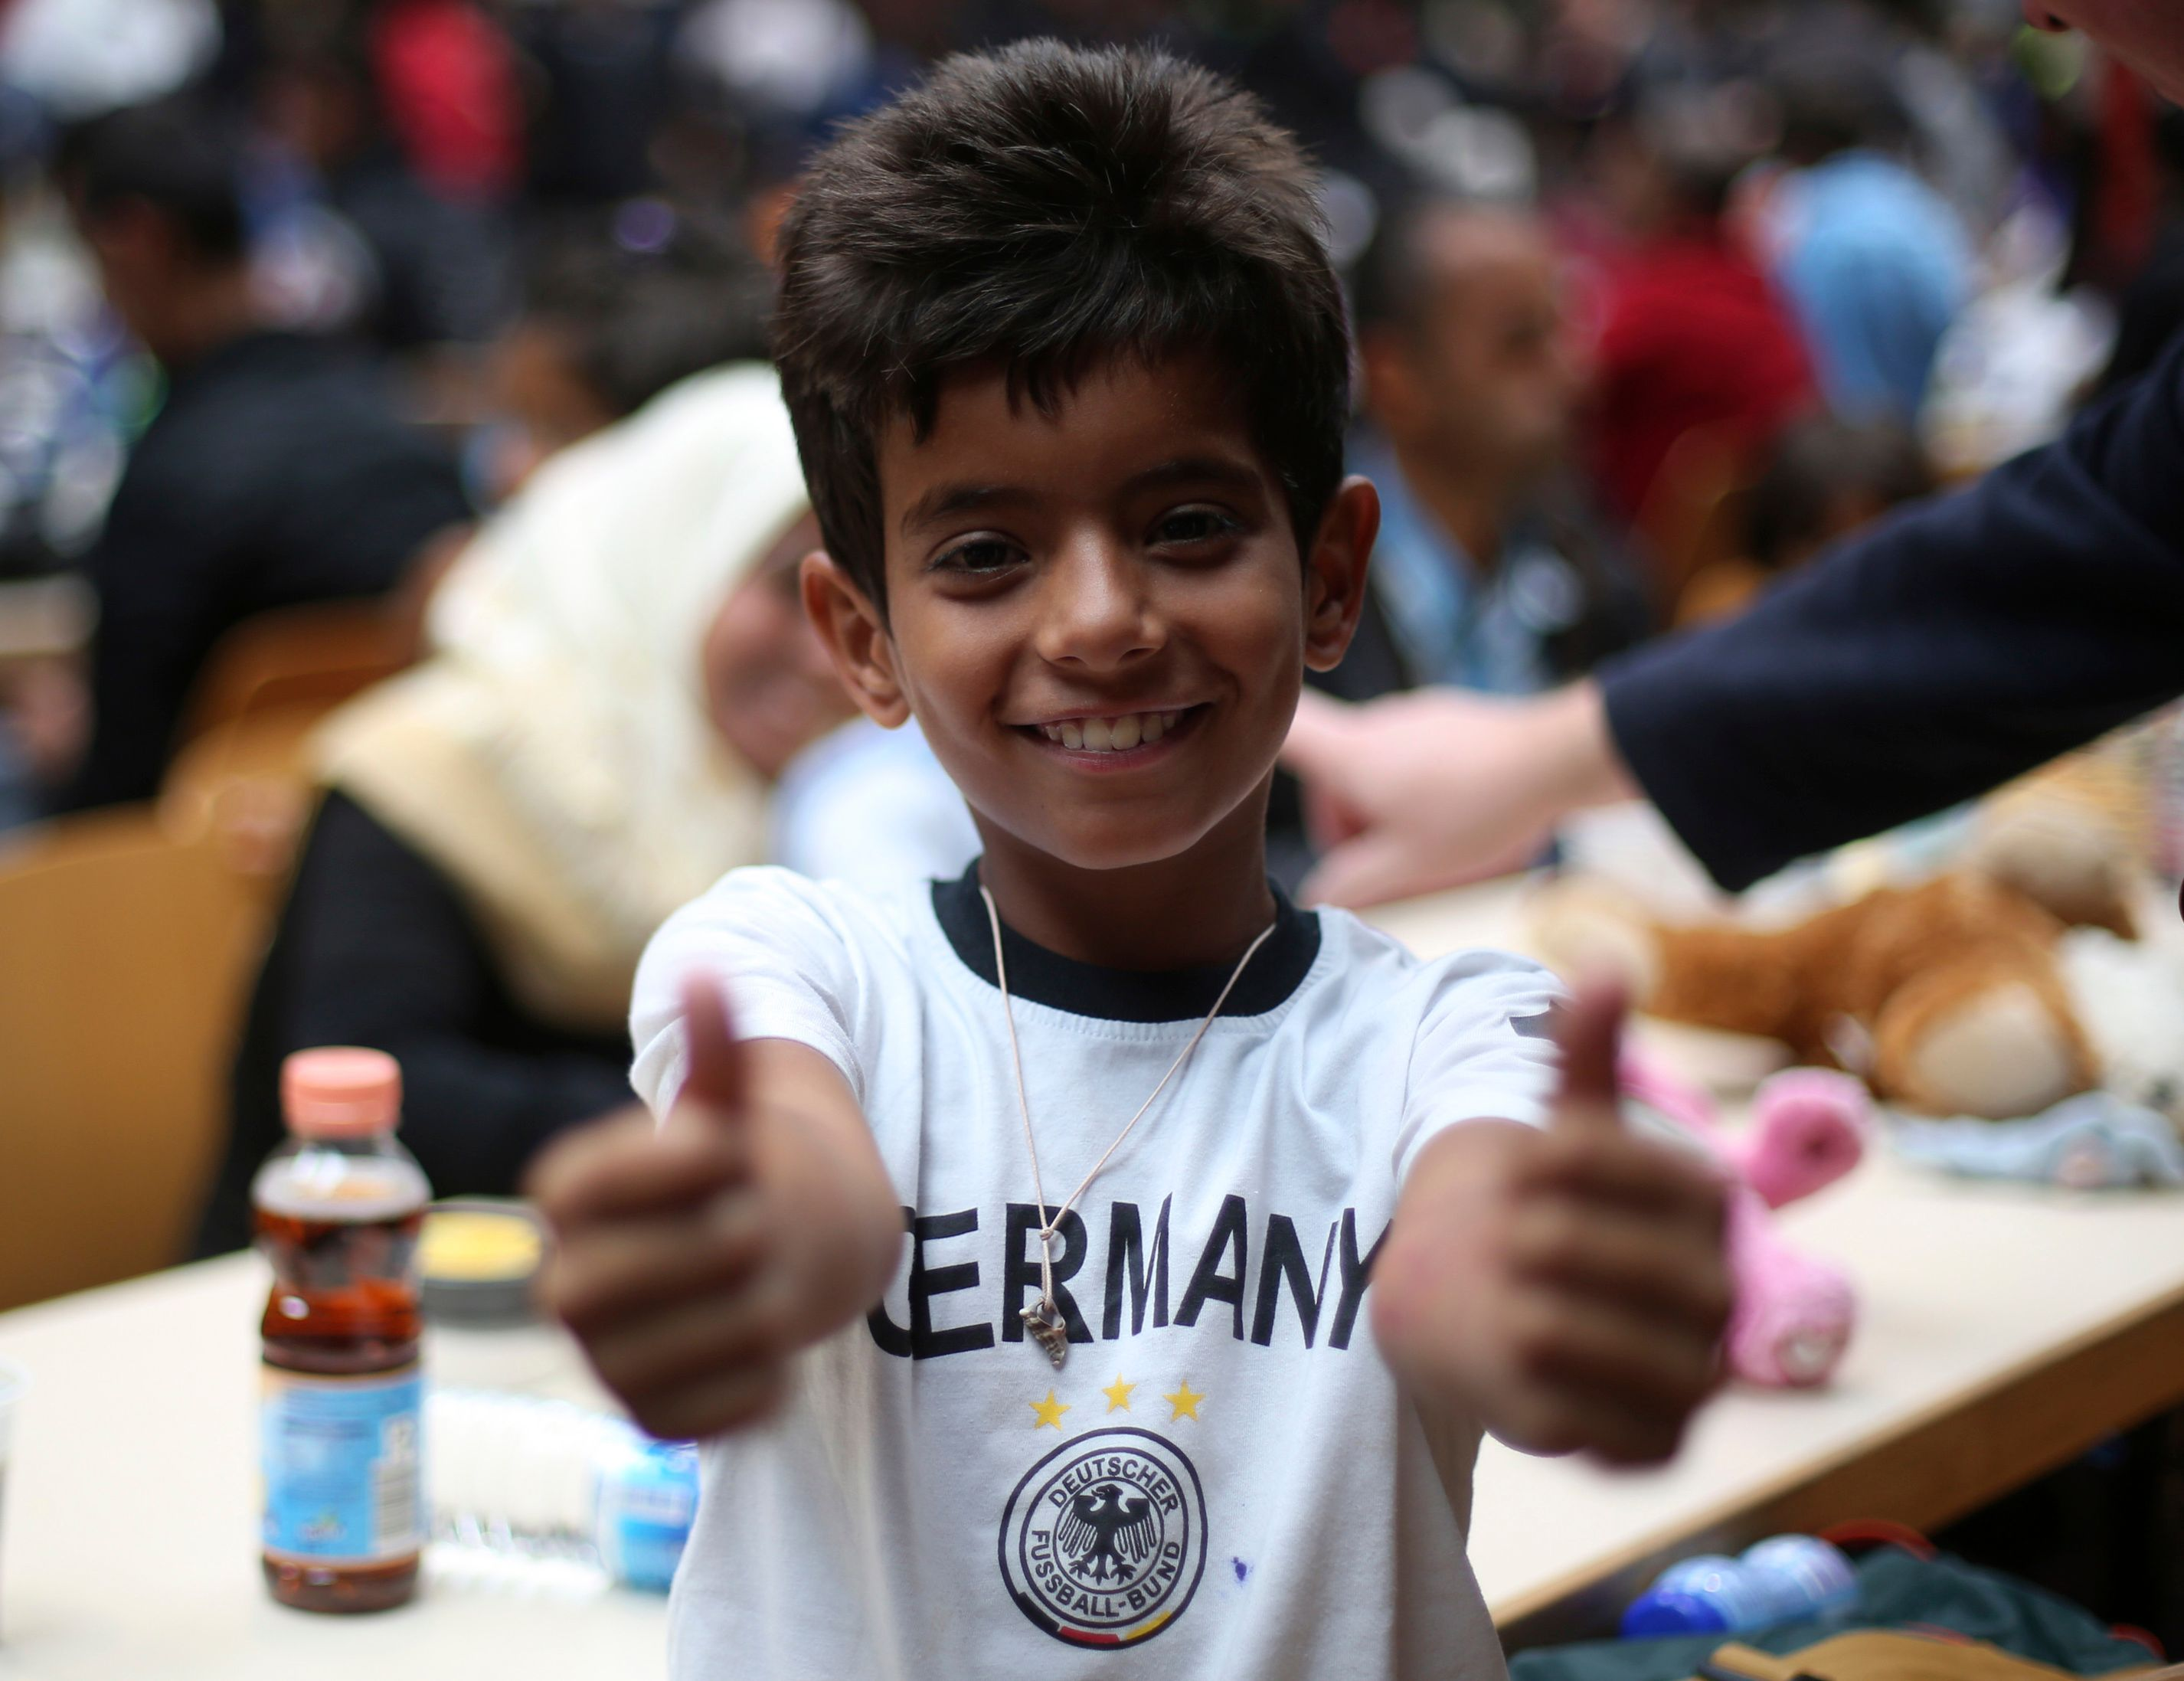 Crise des migrants : nouvelle donne avec la fermeture des frontières en Autriche et en Allemagne